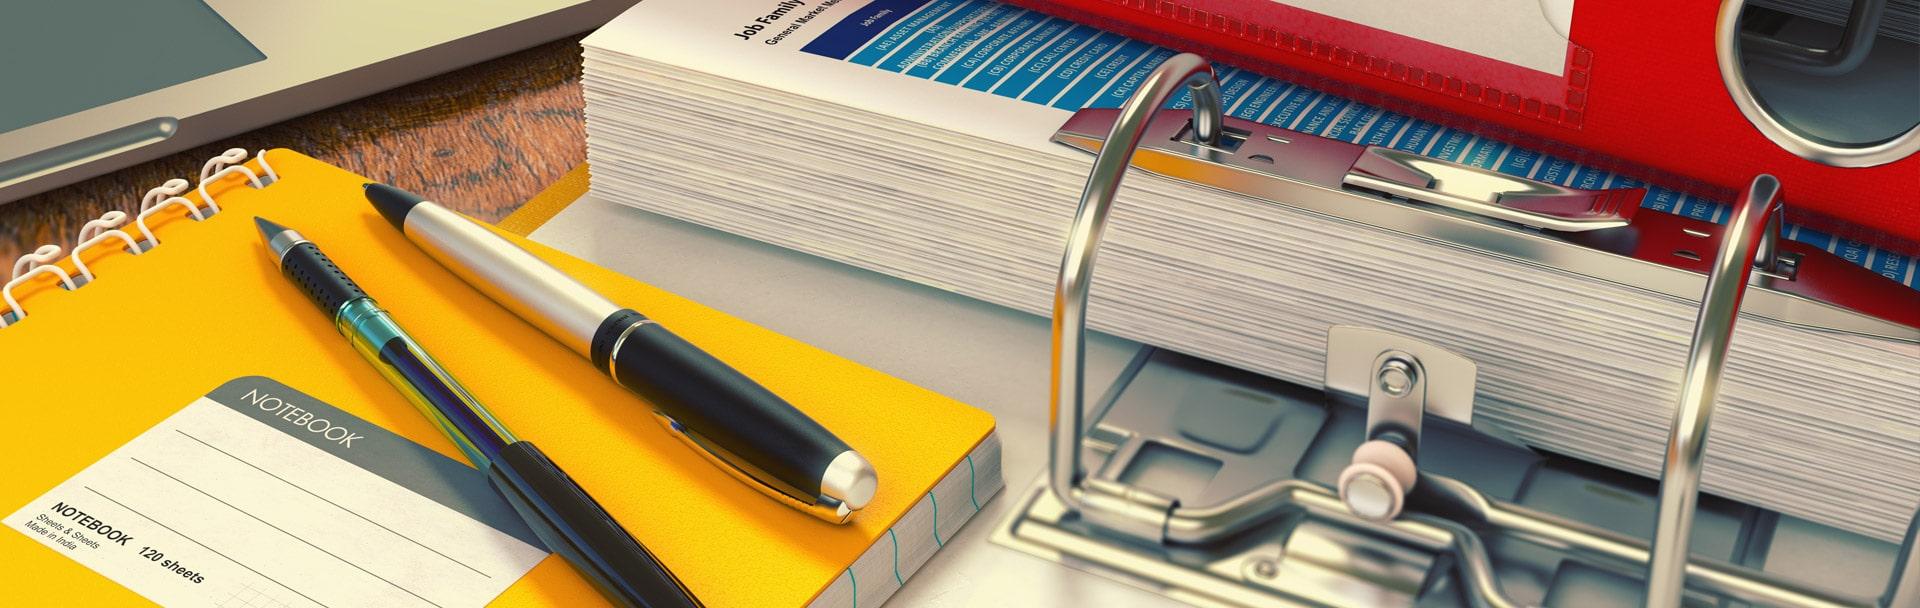 Blog: De zin en onzin van Data Management en Data Governance - Hot ITem